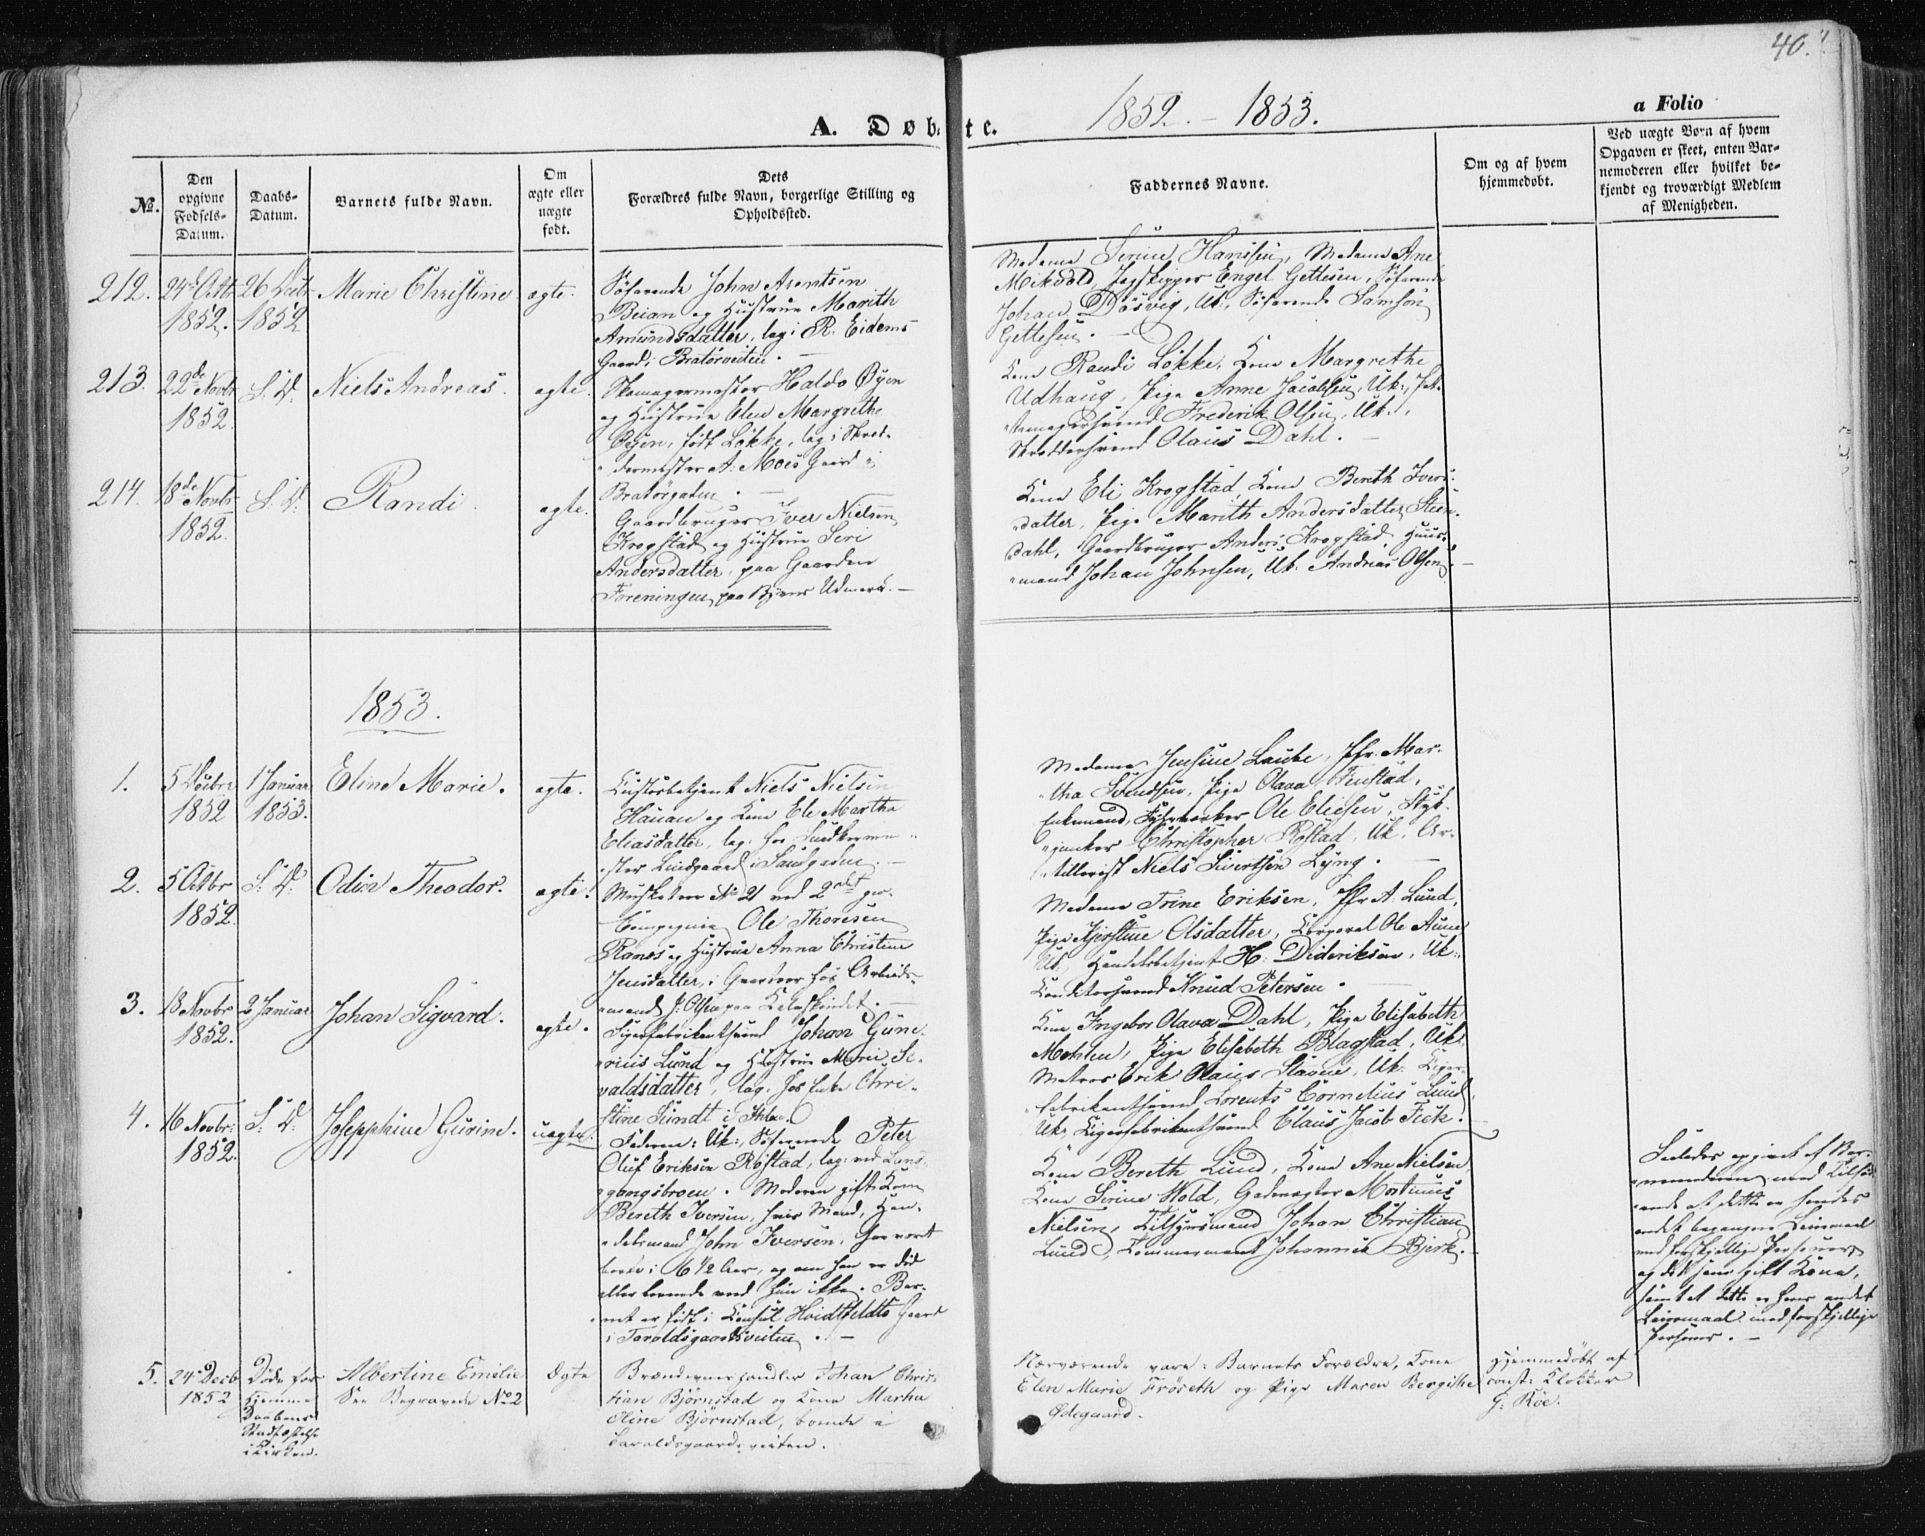 SAT, Ministerialprotokoller, klokkerbøker og fødselsregistre - Sør-Trøndelag, 602/L0112: Ministerialbok nr. 602A10, 1848-1859, s. 40